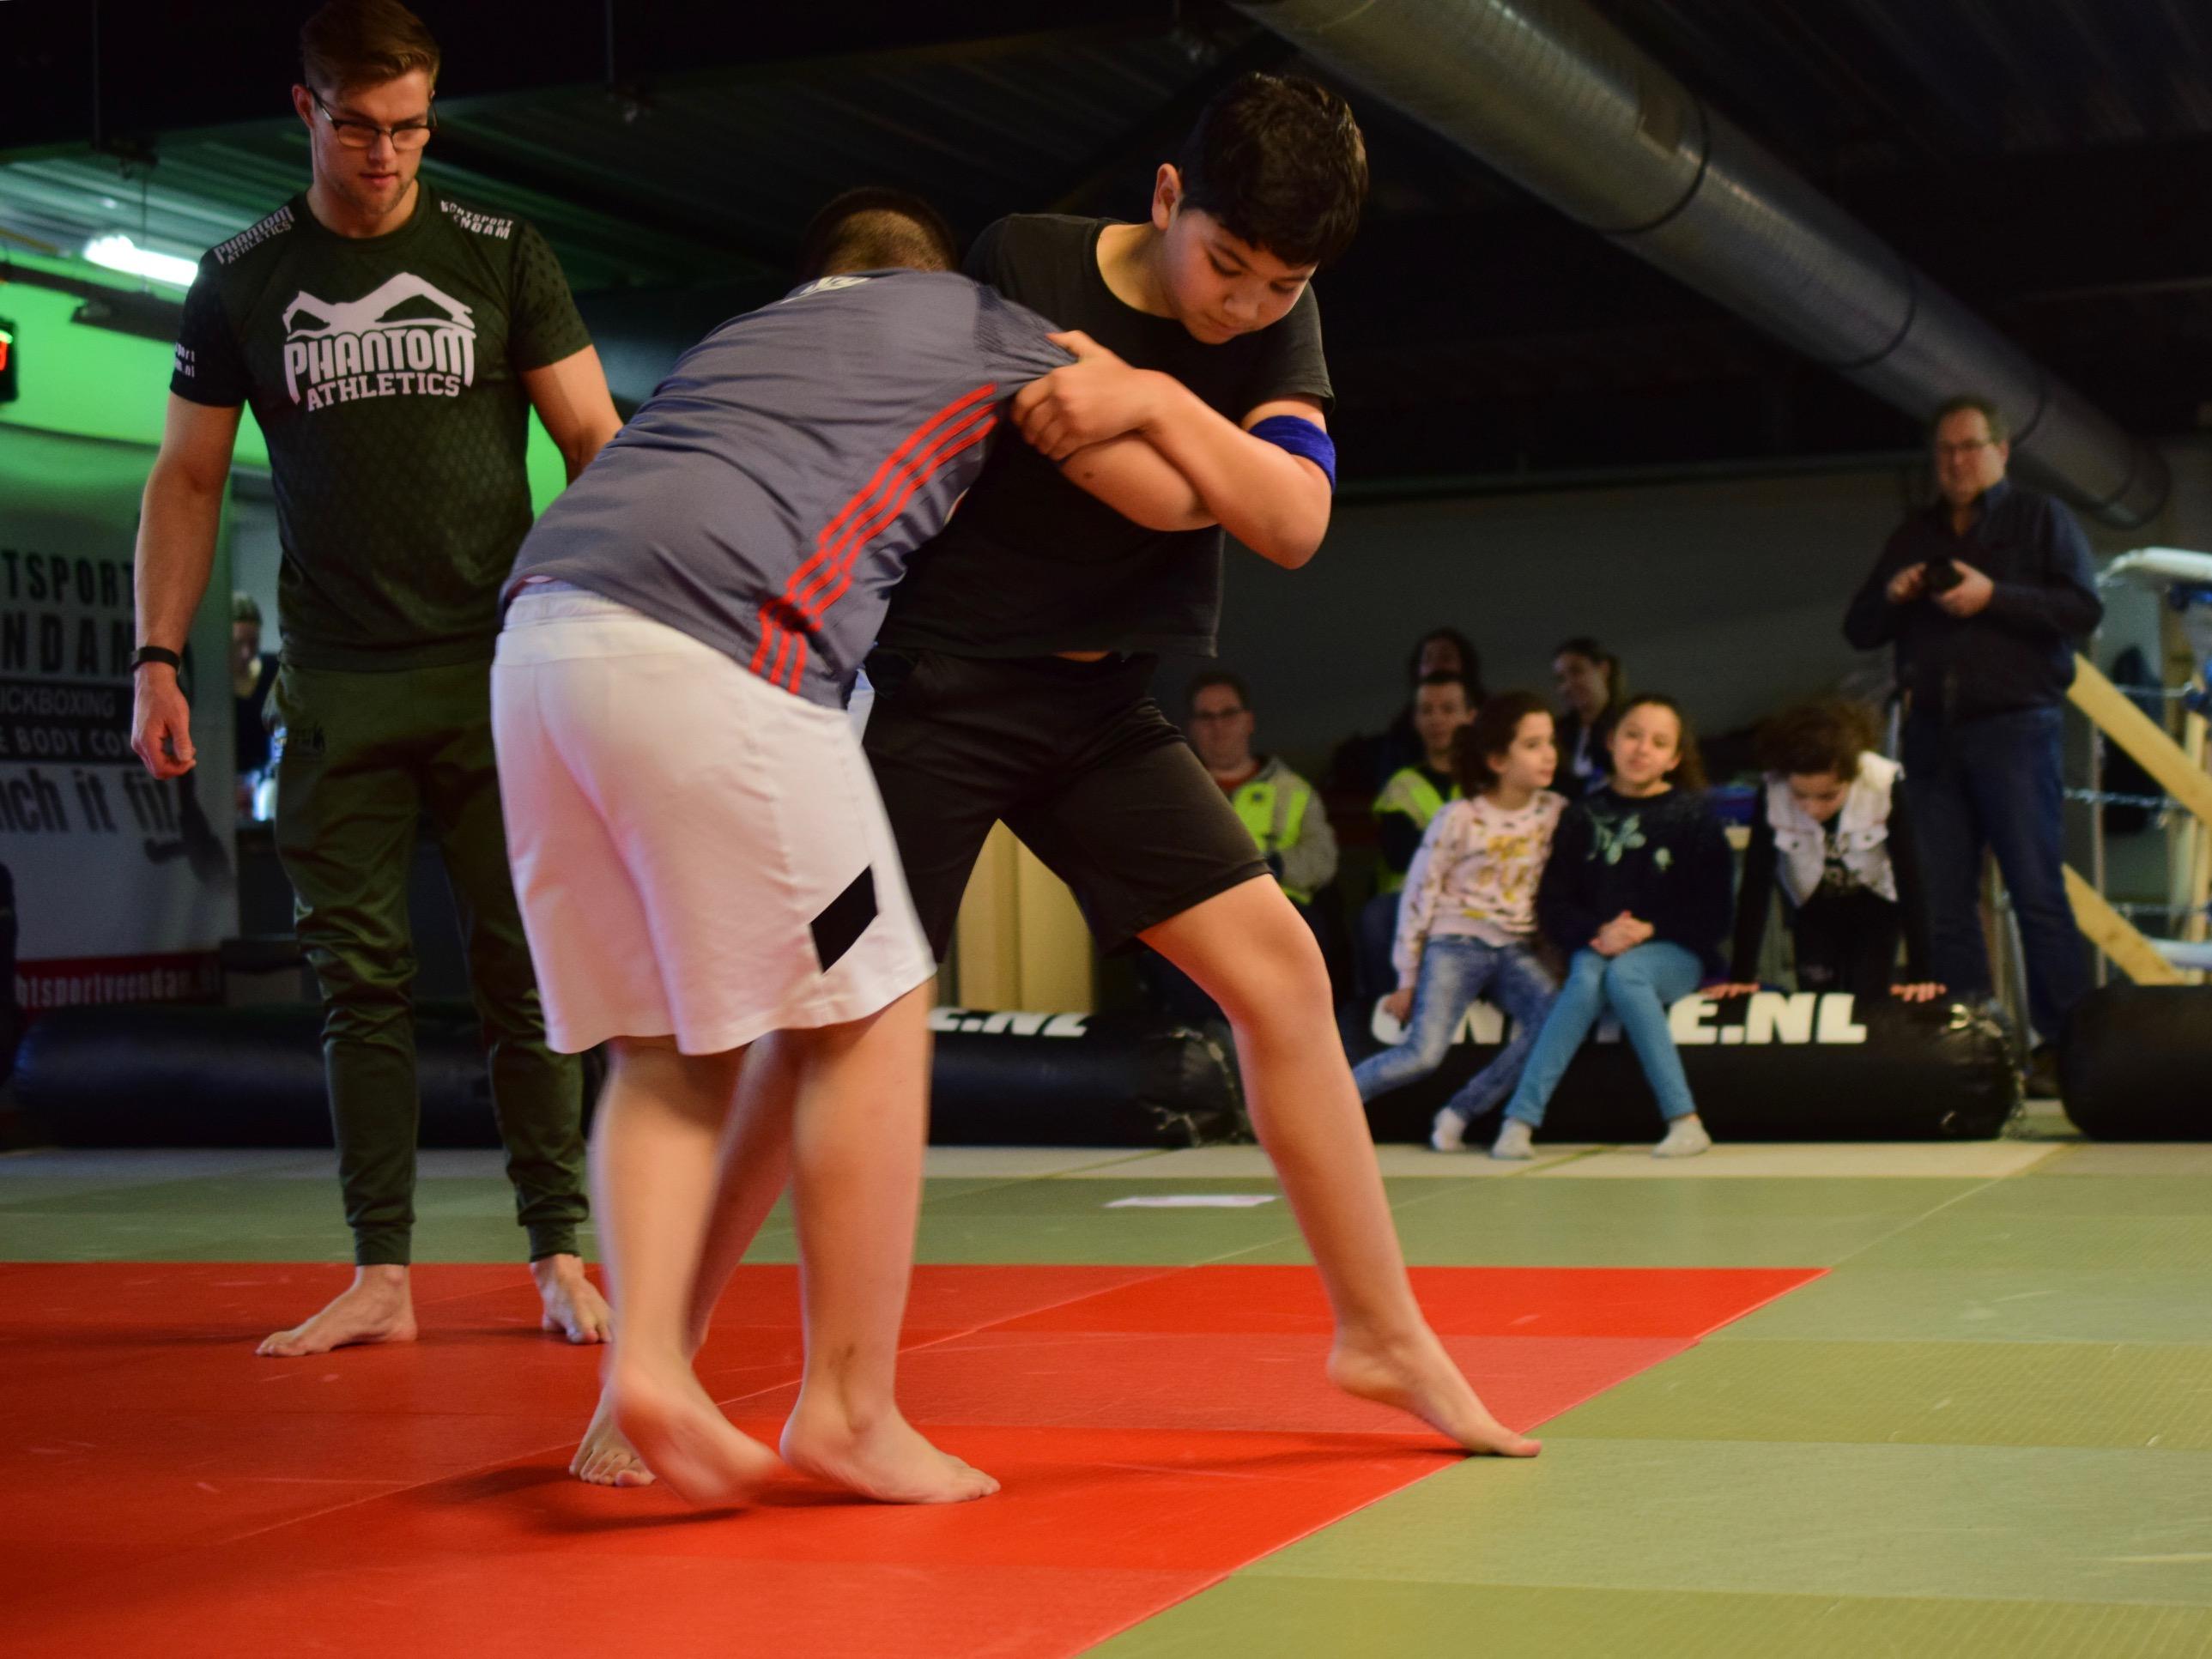 Vechtsport voor Jeugd